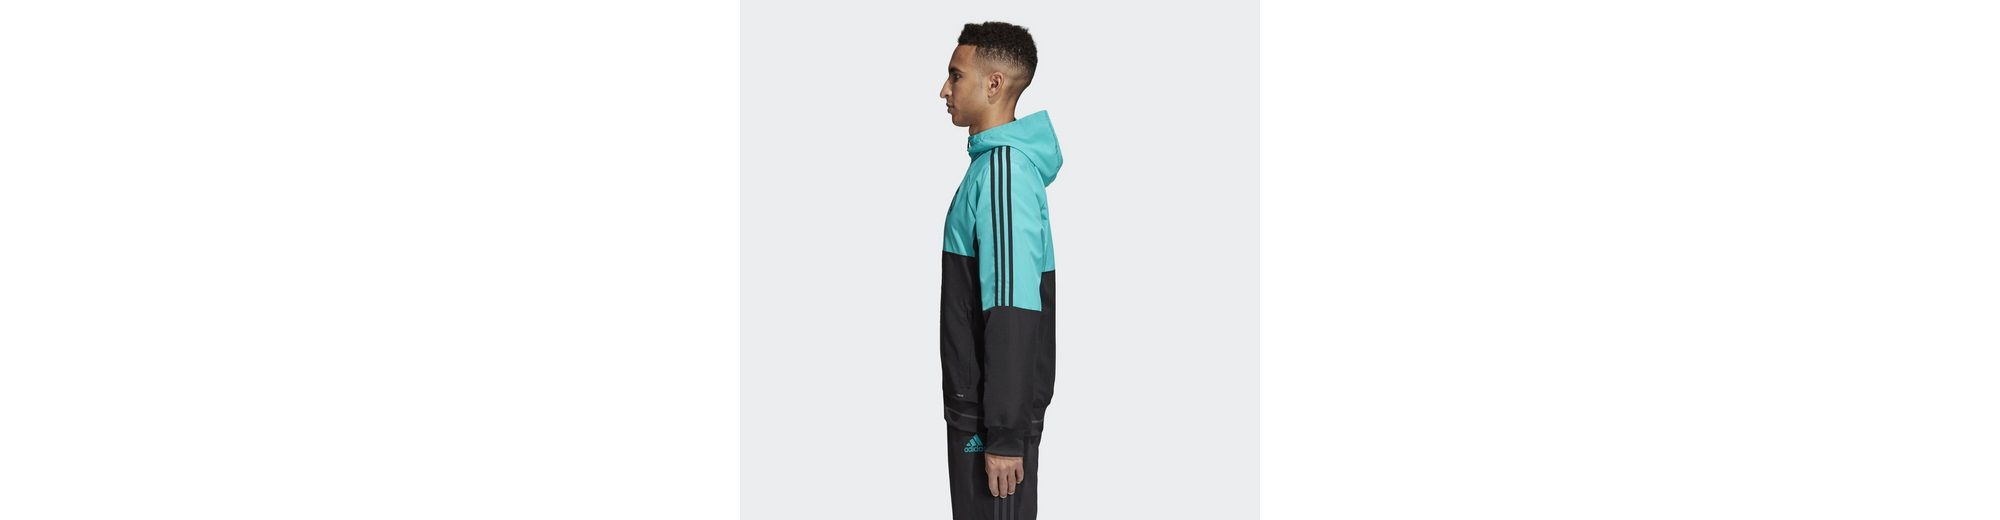 adidas Performance Funktions-Kapuzensweatjacke Real Madrid Jacke Empfehlen Billig Spielraum Spielraum Store Billig Verkauf 2018 Wählen Sie Eine Beste Rabatt Billigsten N9DI0GmR7